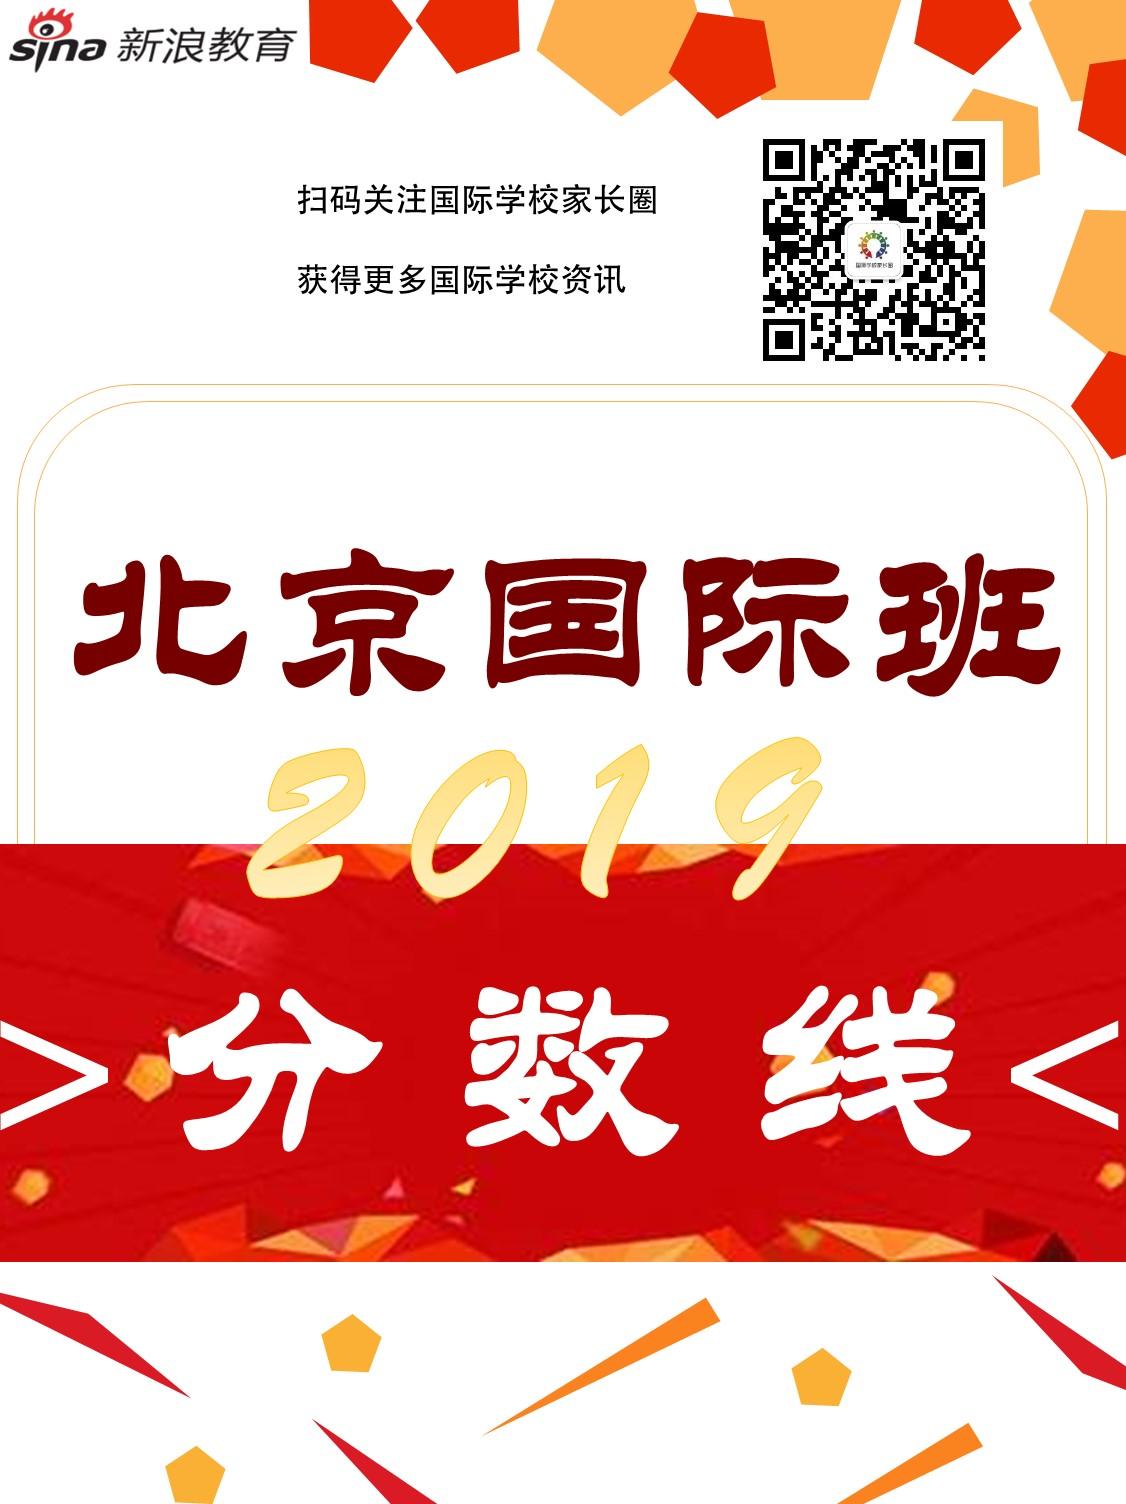 2019北京公辦學校國際部分數線匯總